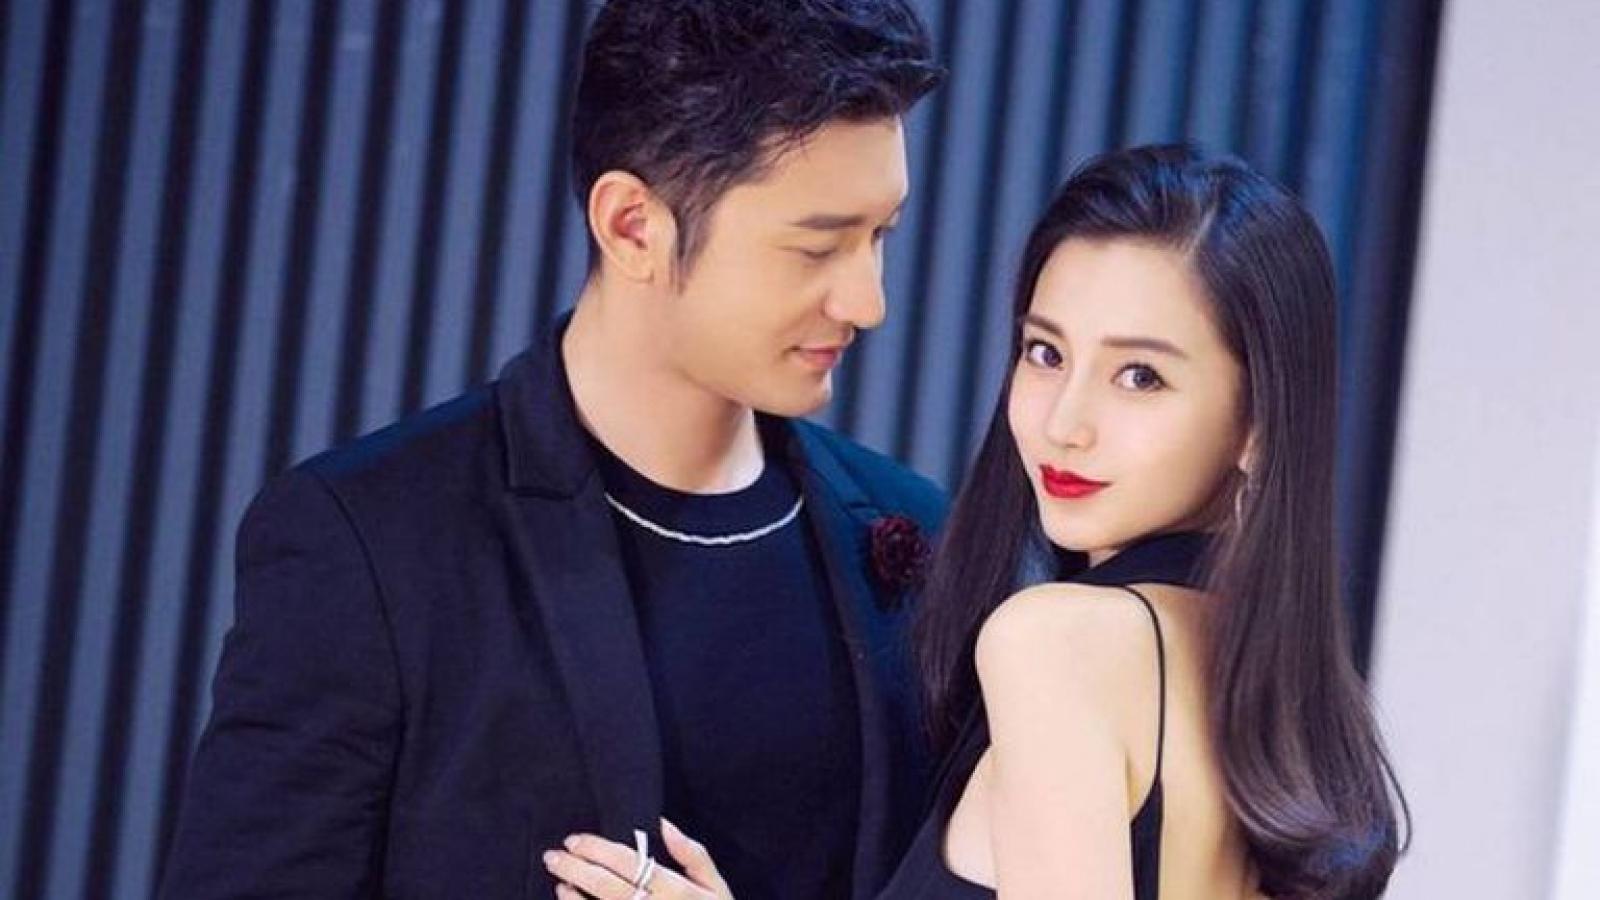 Chuyện showbiz: Huỳnh Hiểu Minh phủ nhận tin đồn ly hôn Angelababy